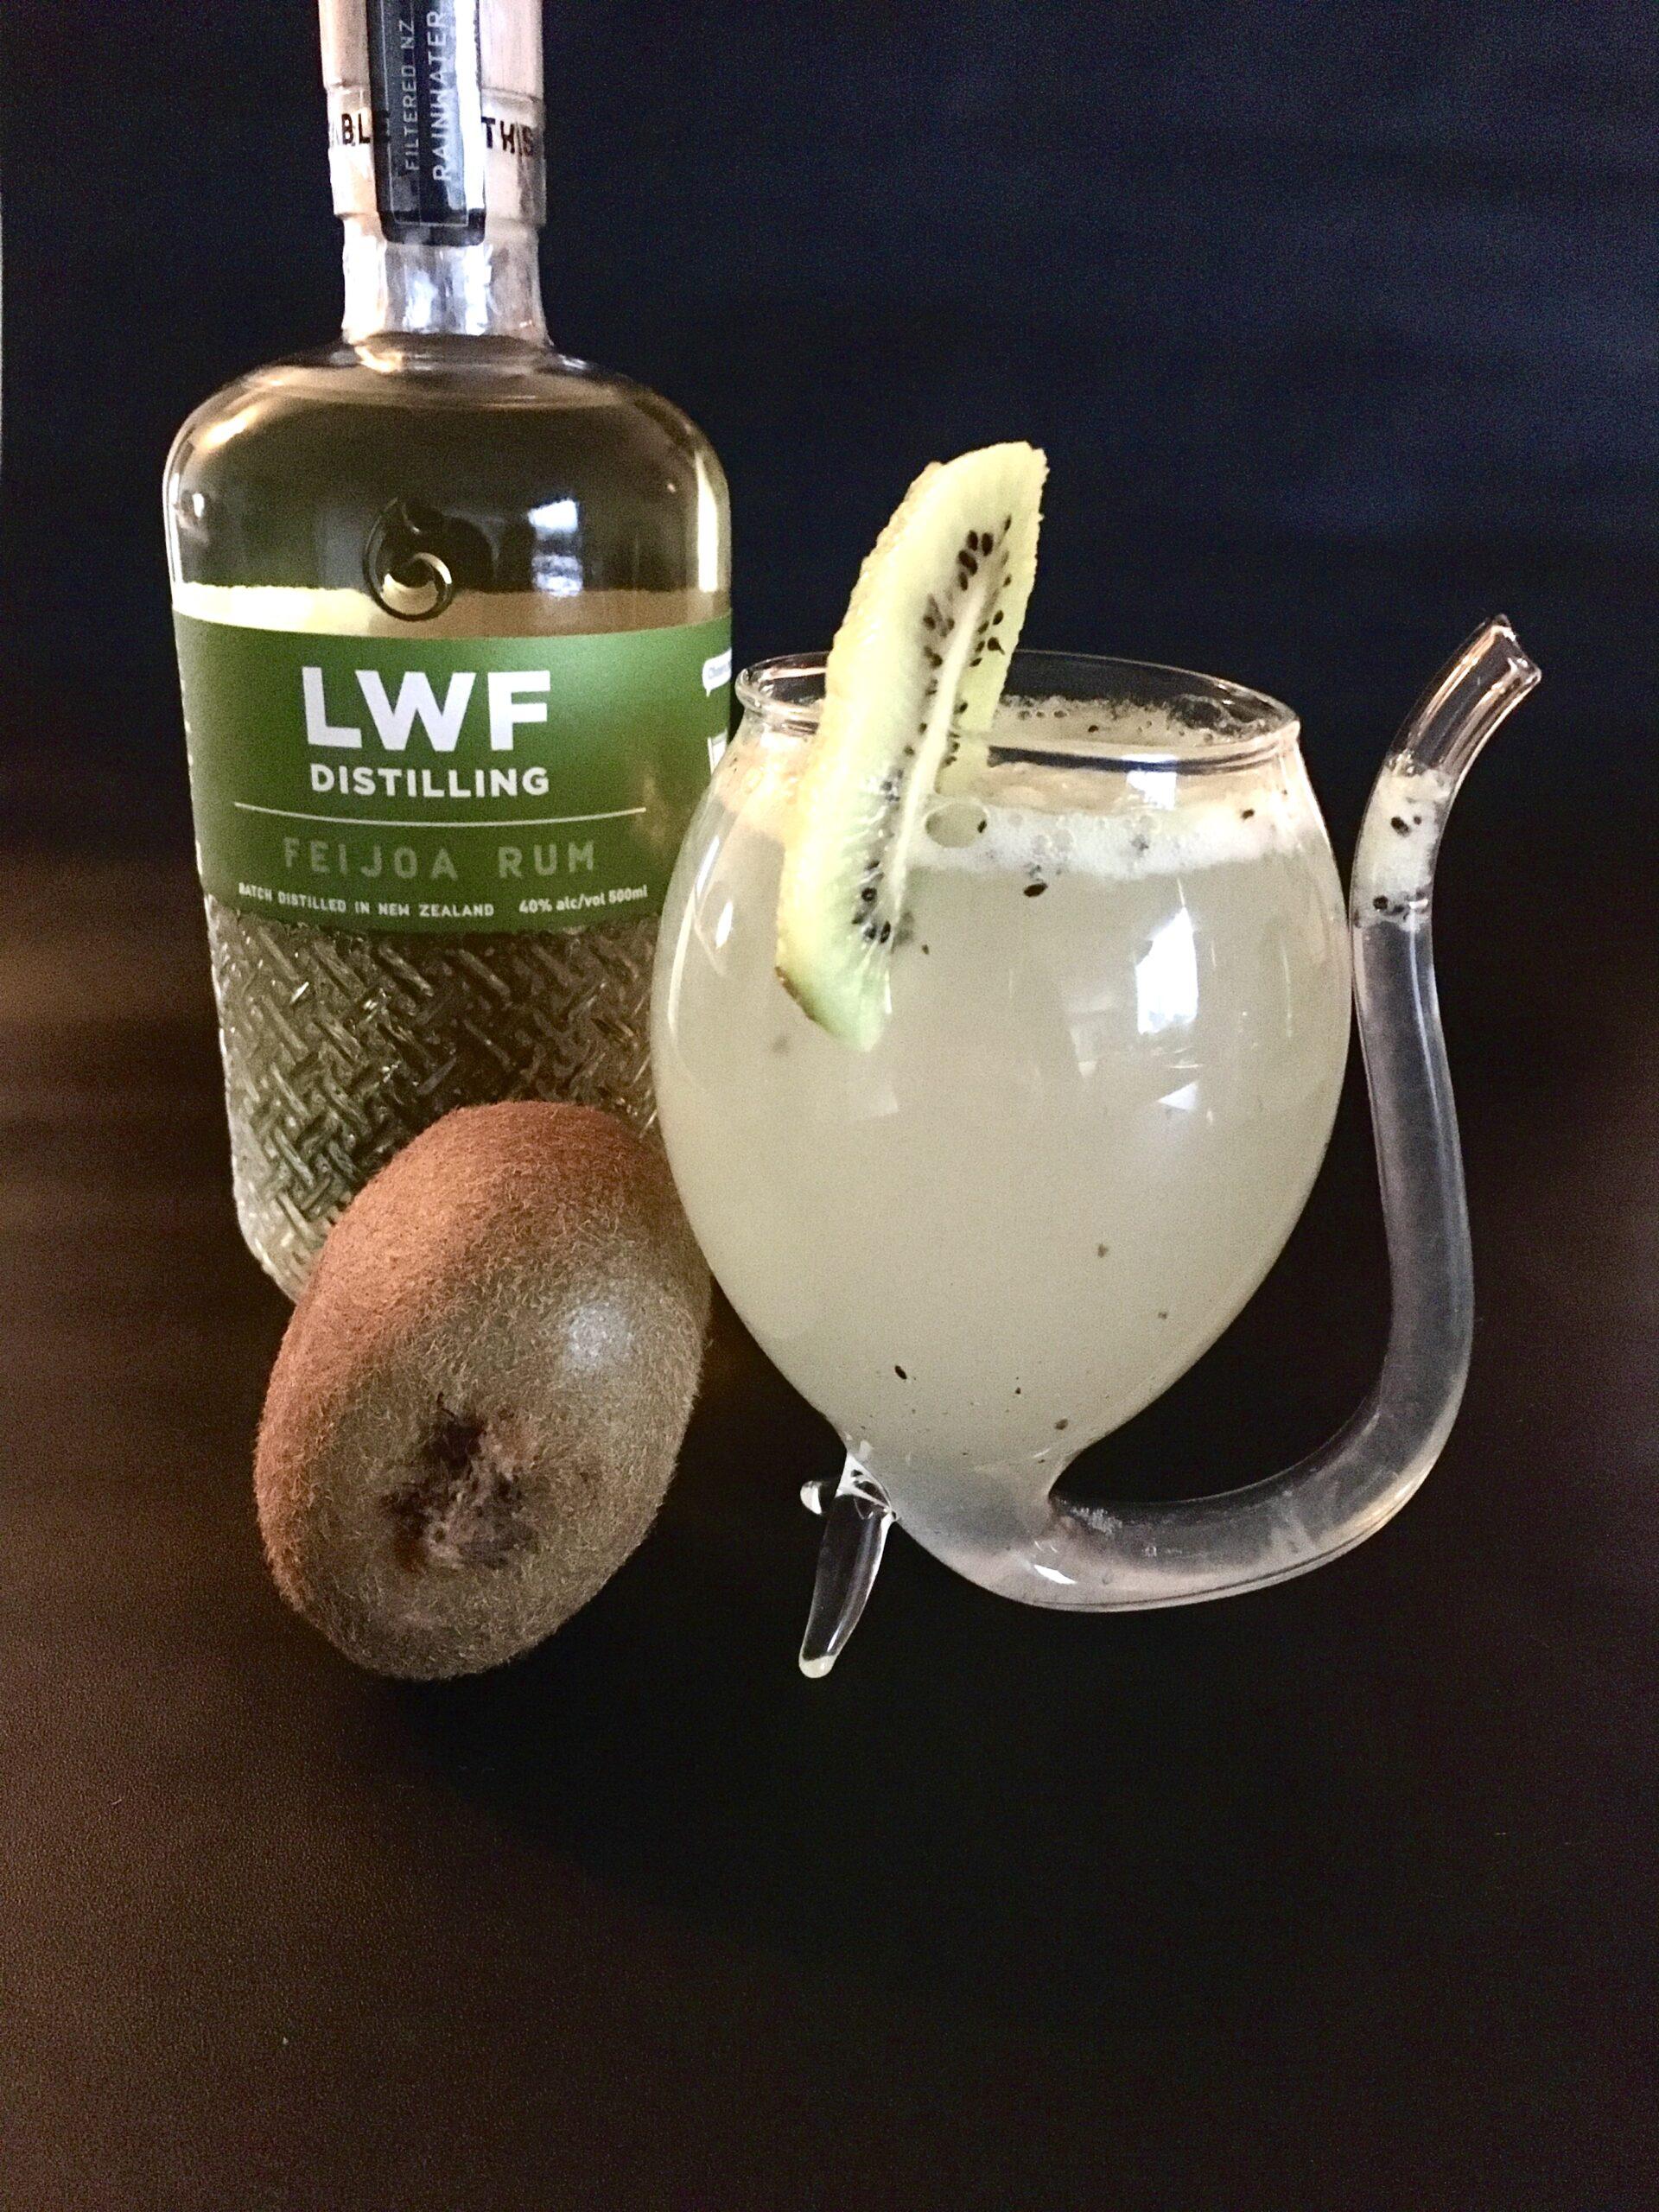 LWF Distilling Feijoa Rum Cocktail